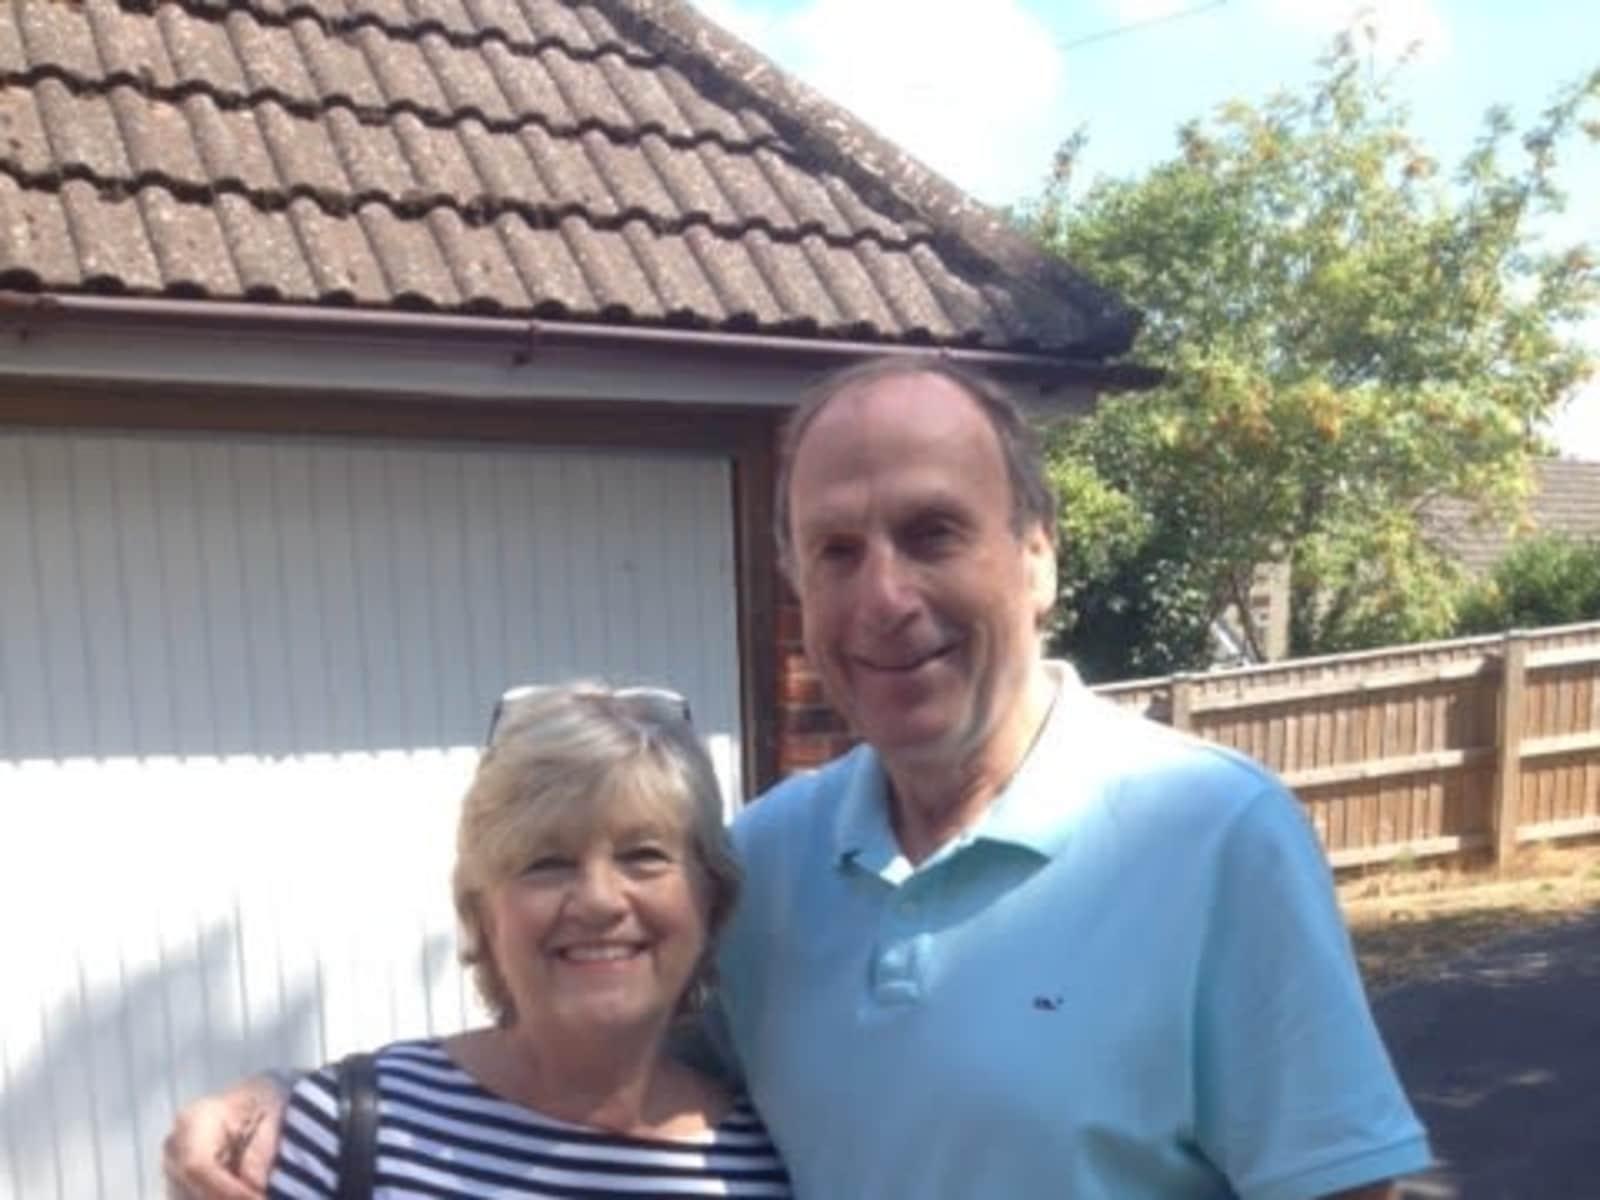 Kenneth & Marilyn from Bath, United Kingdom